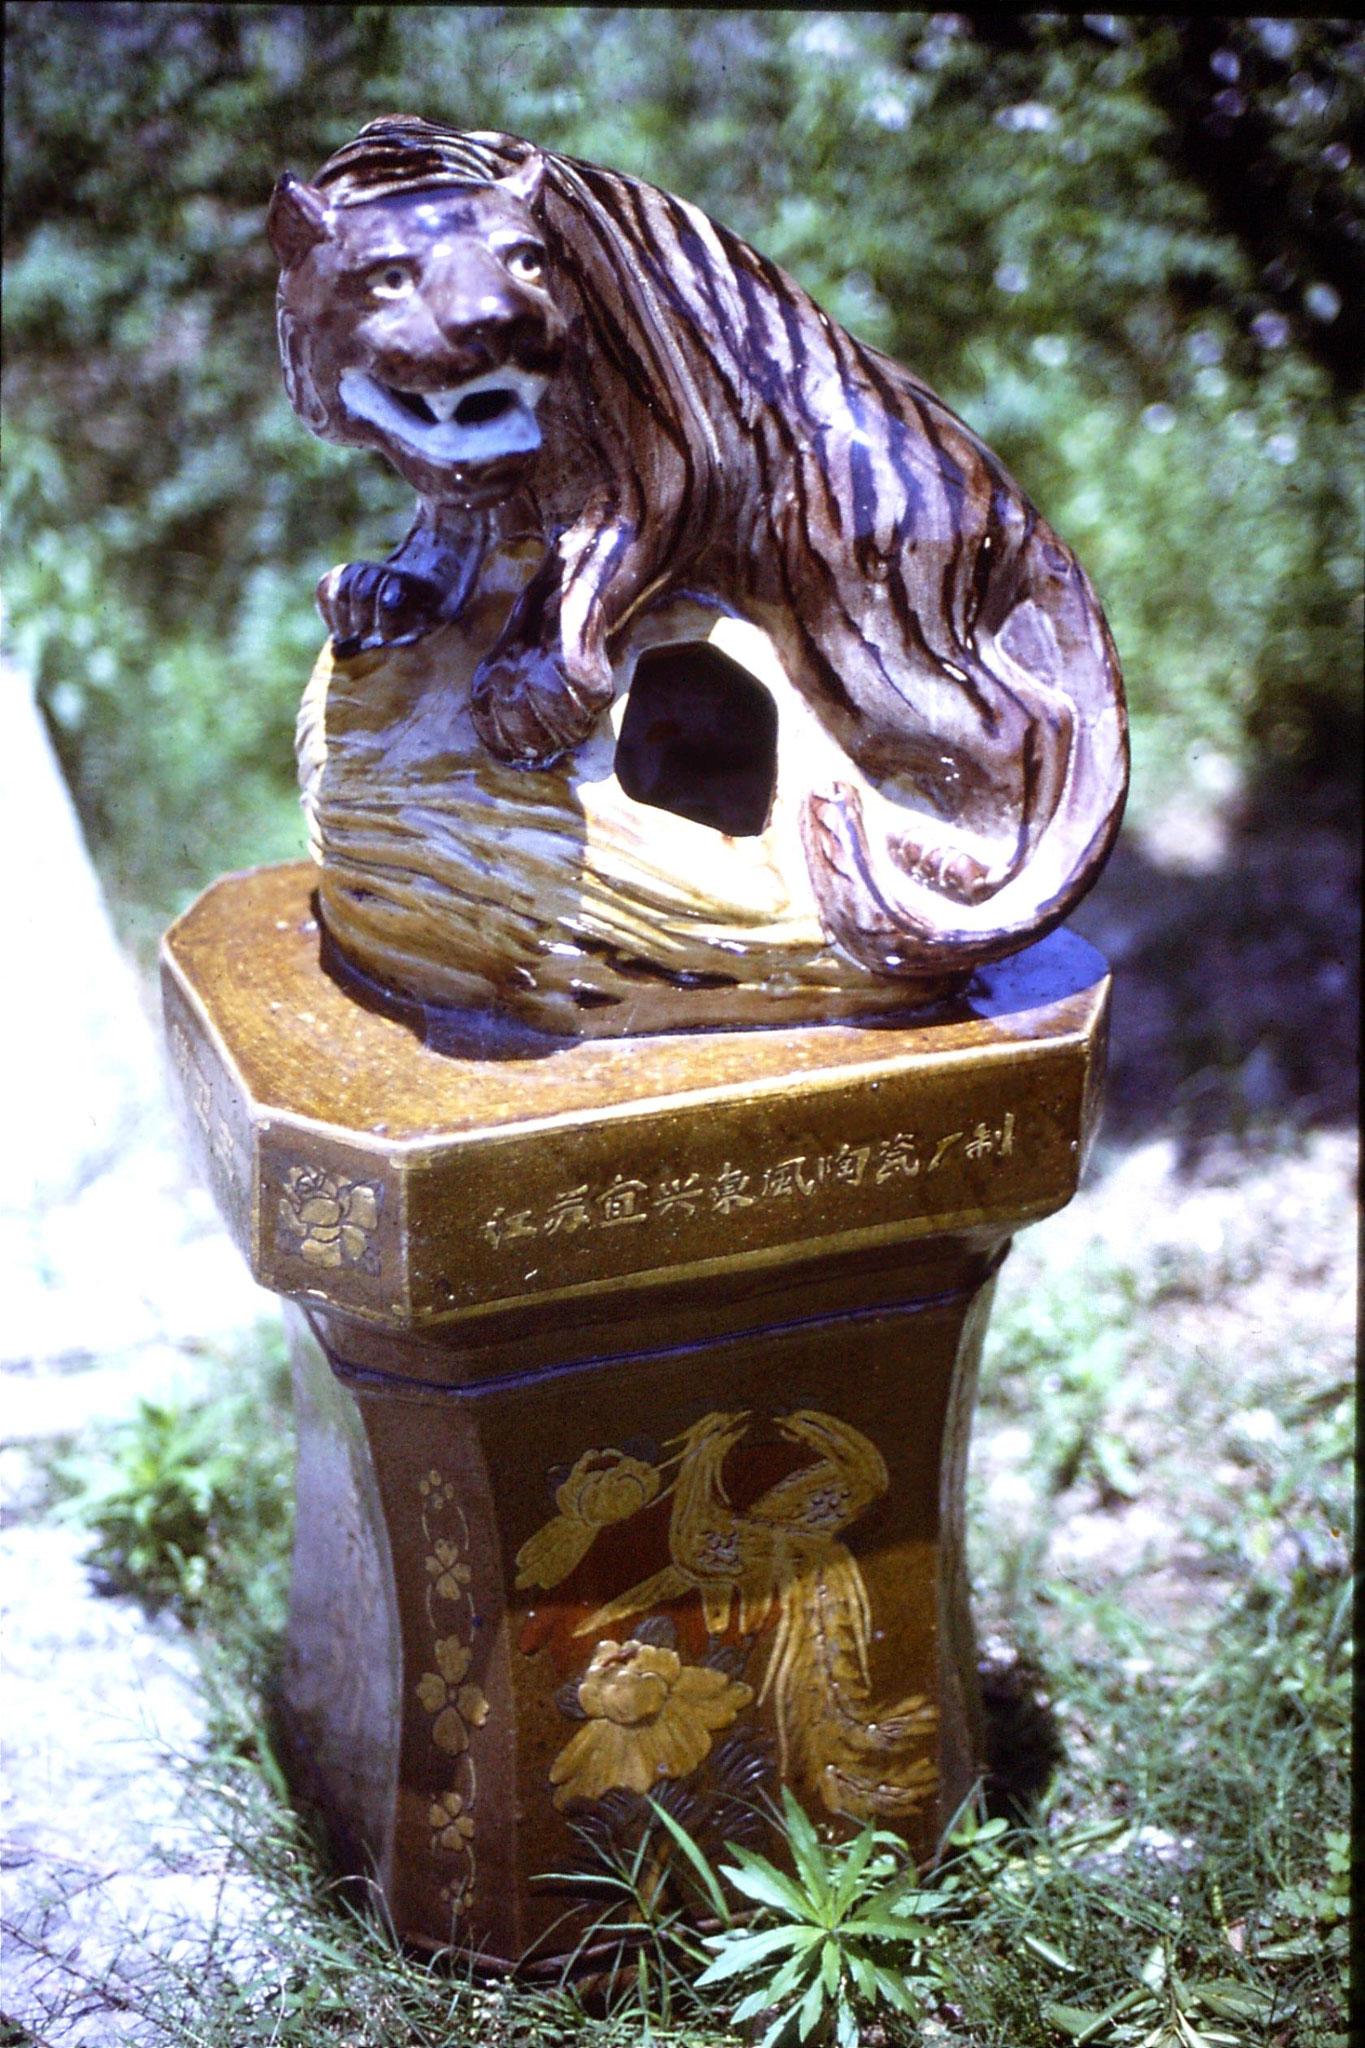 3/6/1989: 3: Shaoxing rubbish bin